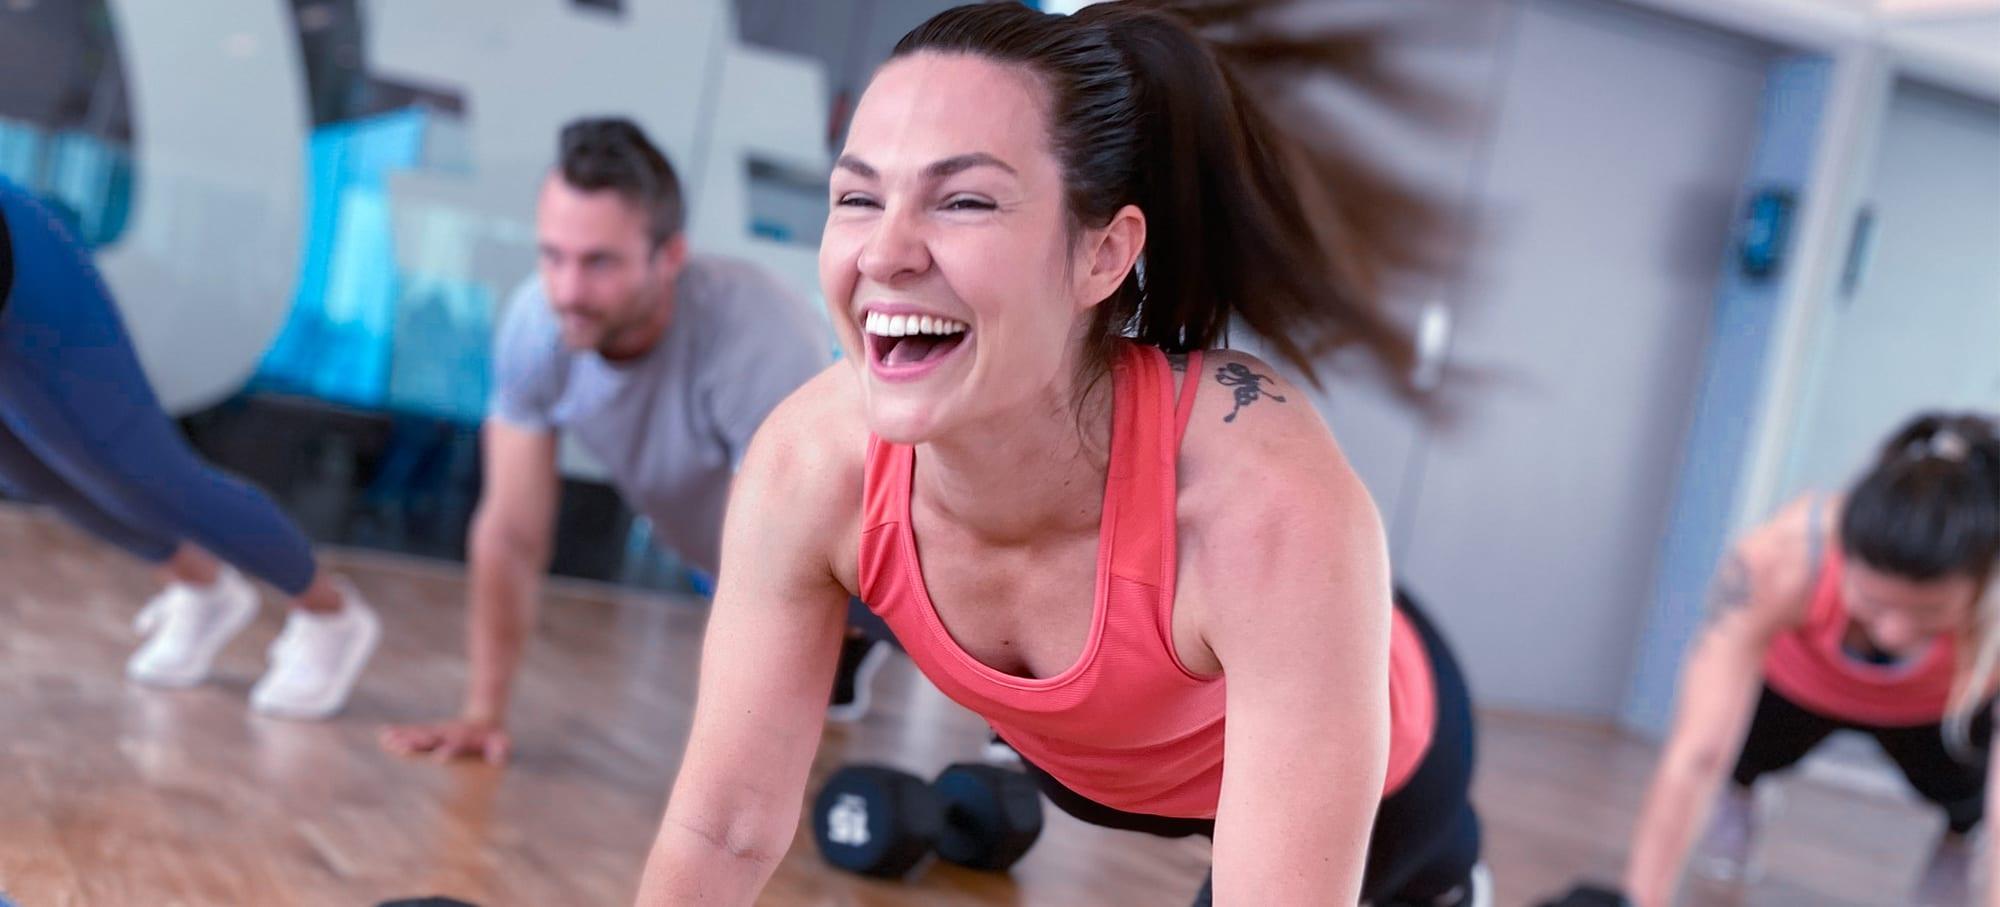 Vanskelig å finne noen som ikke har glede av trening